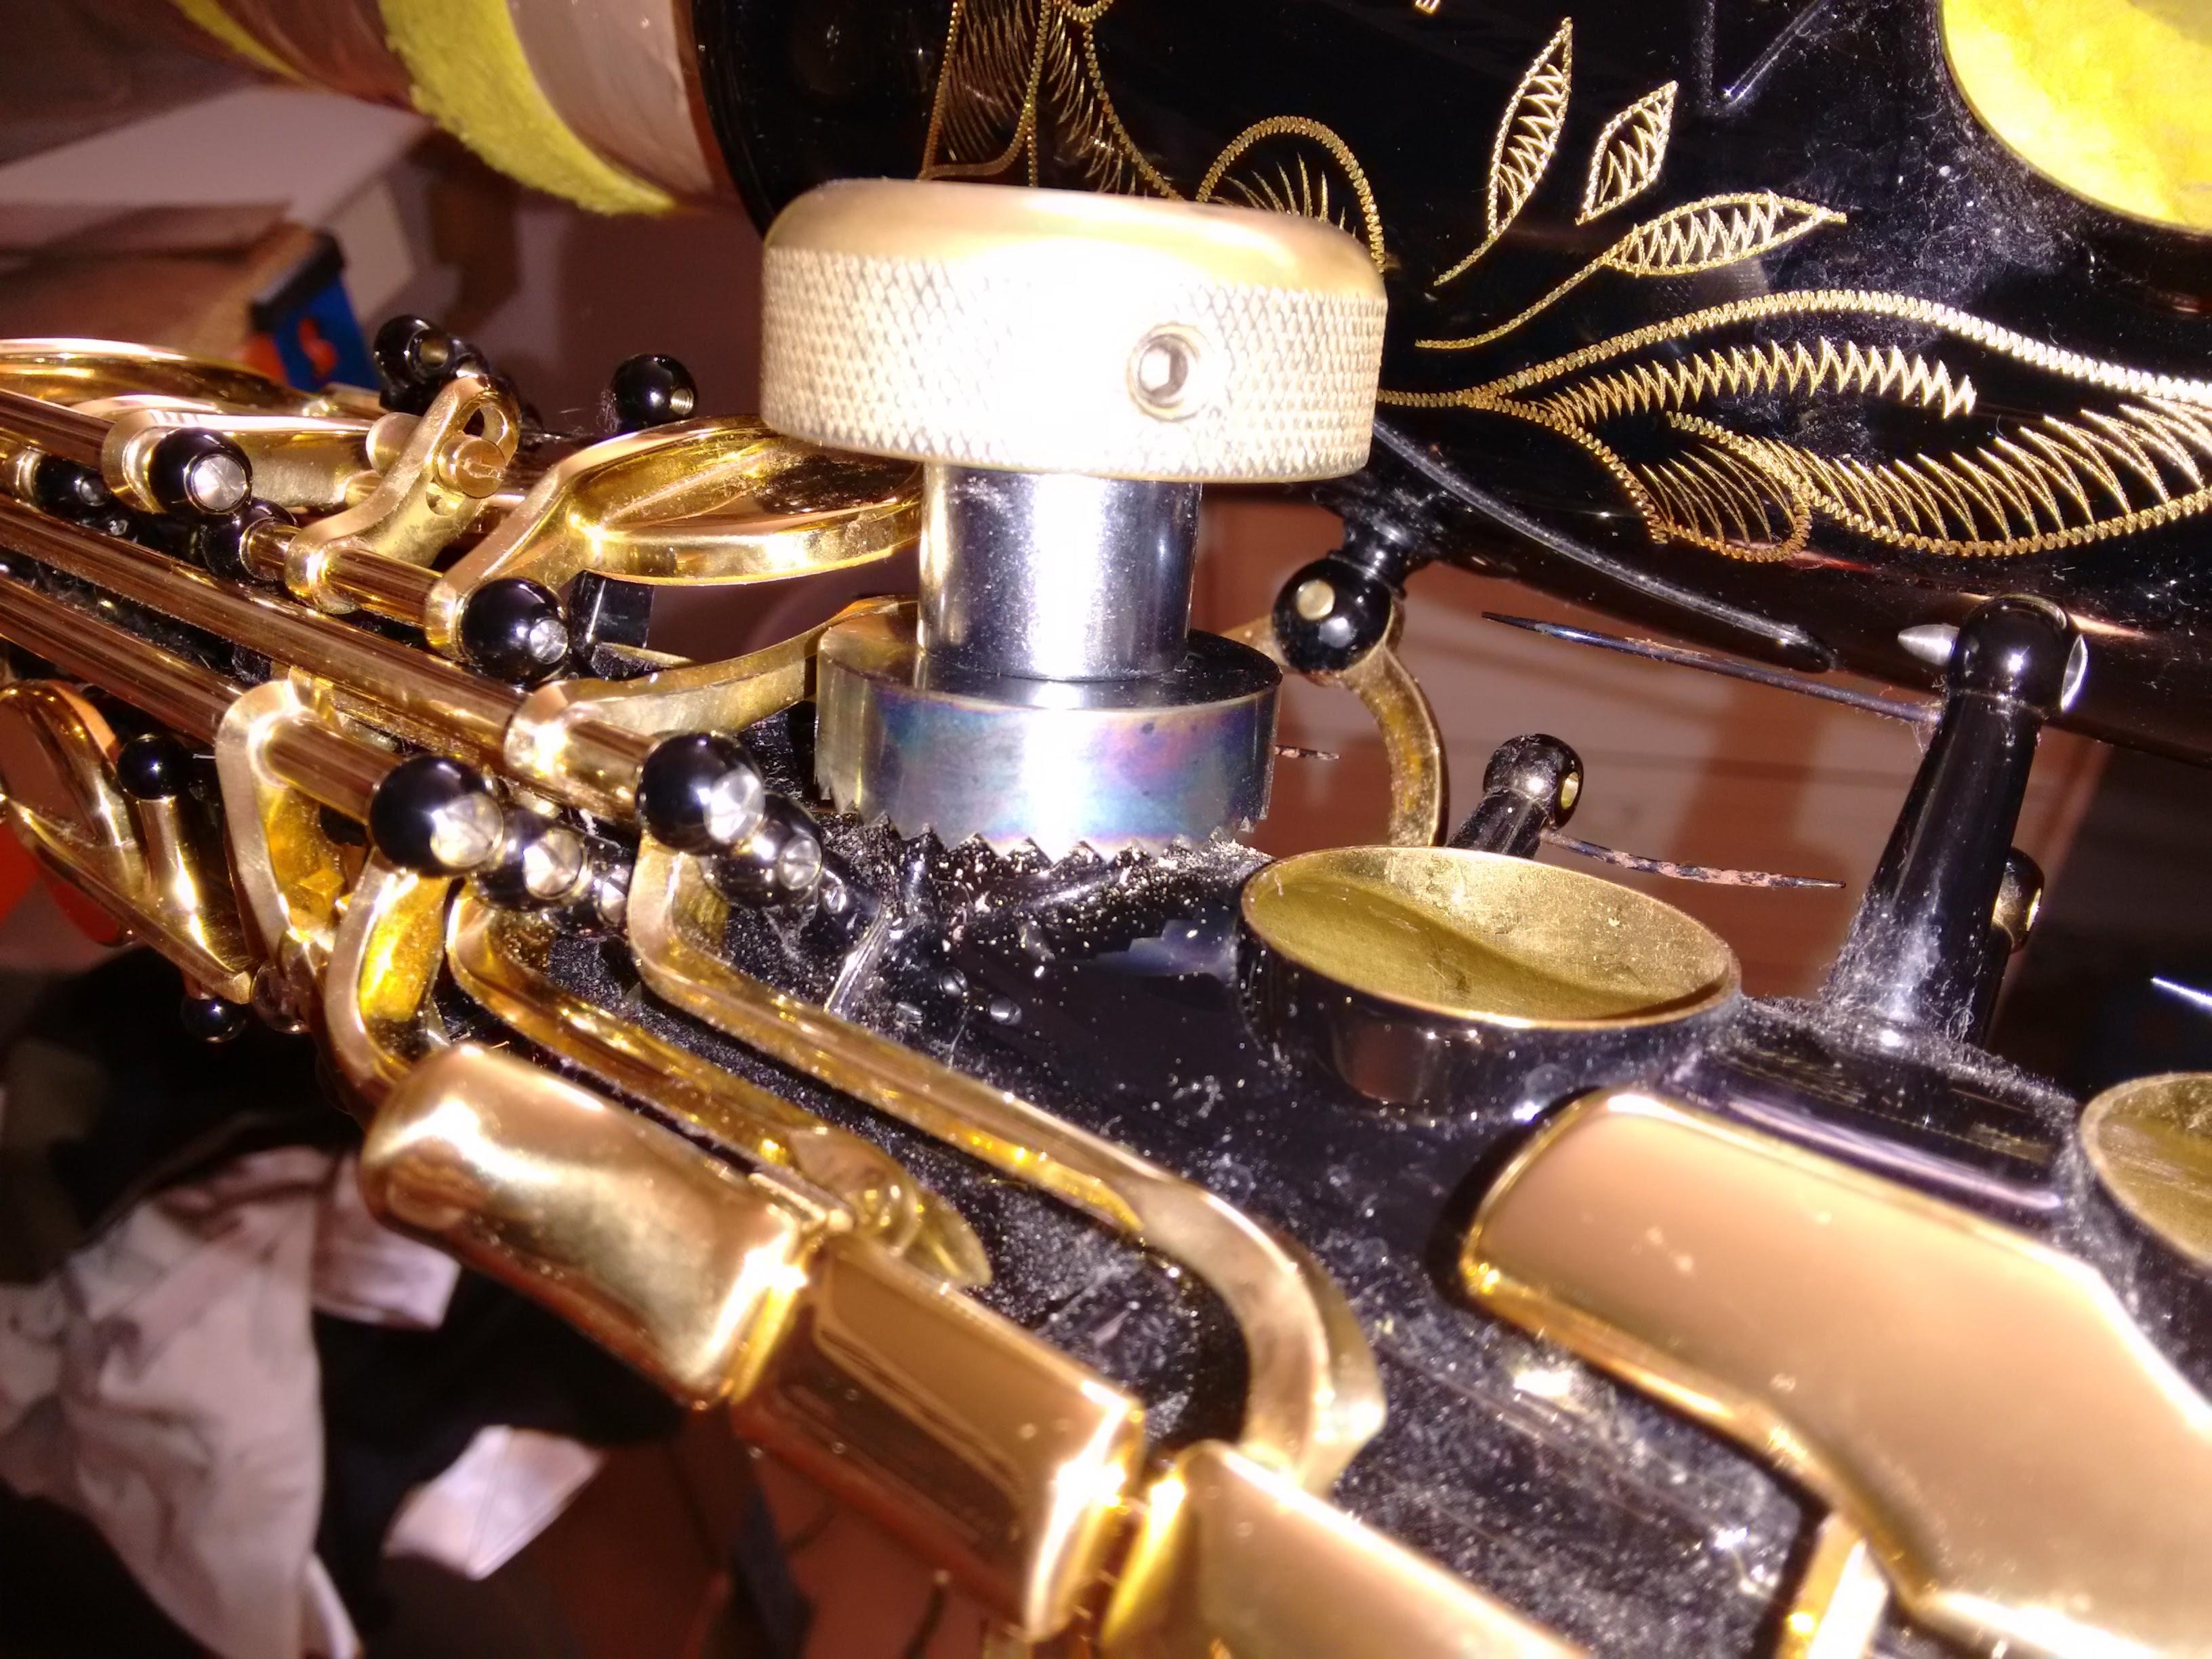 Rectificando el orificio de Fa articulado (mano derecha) de un saxo alto Yamaha YAS-875 EX